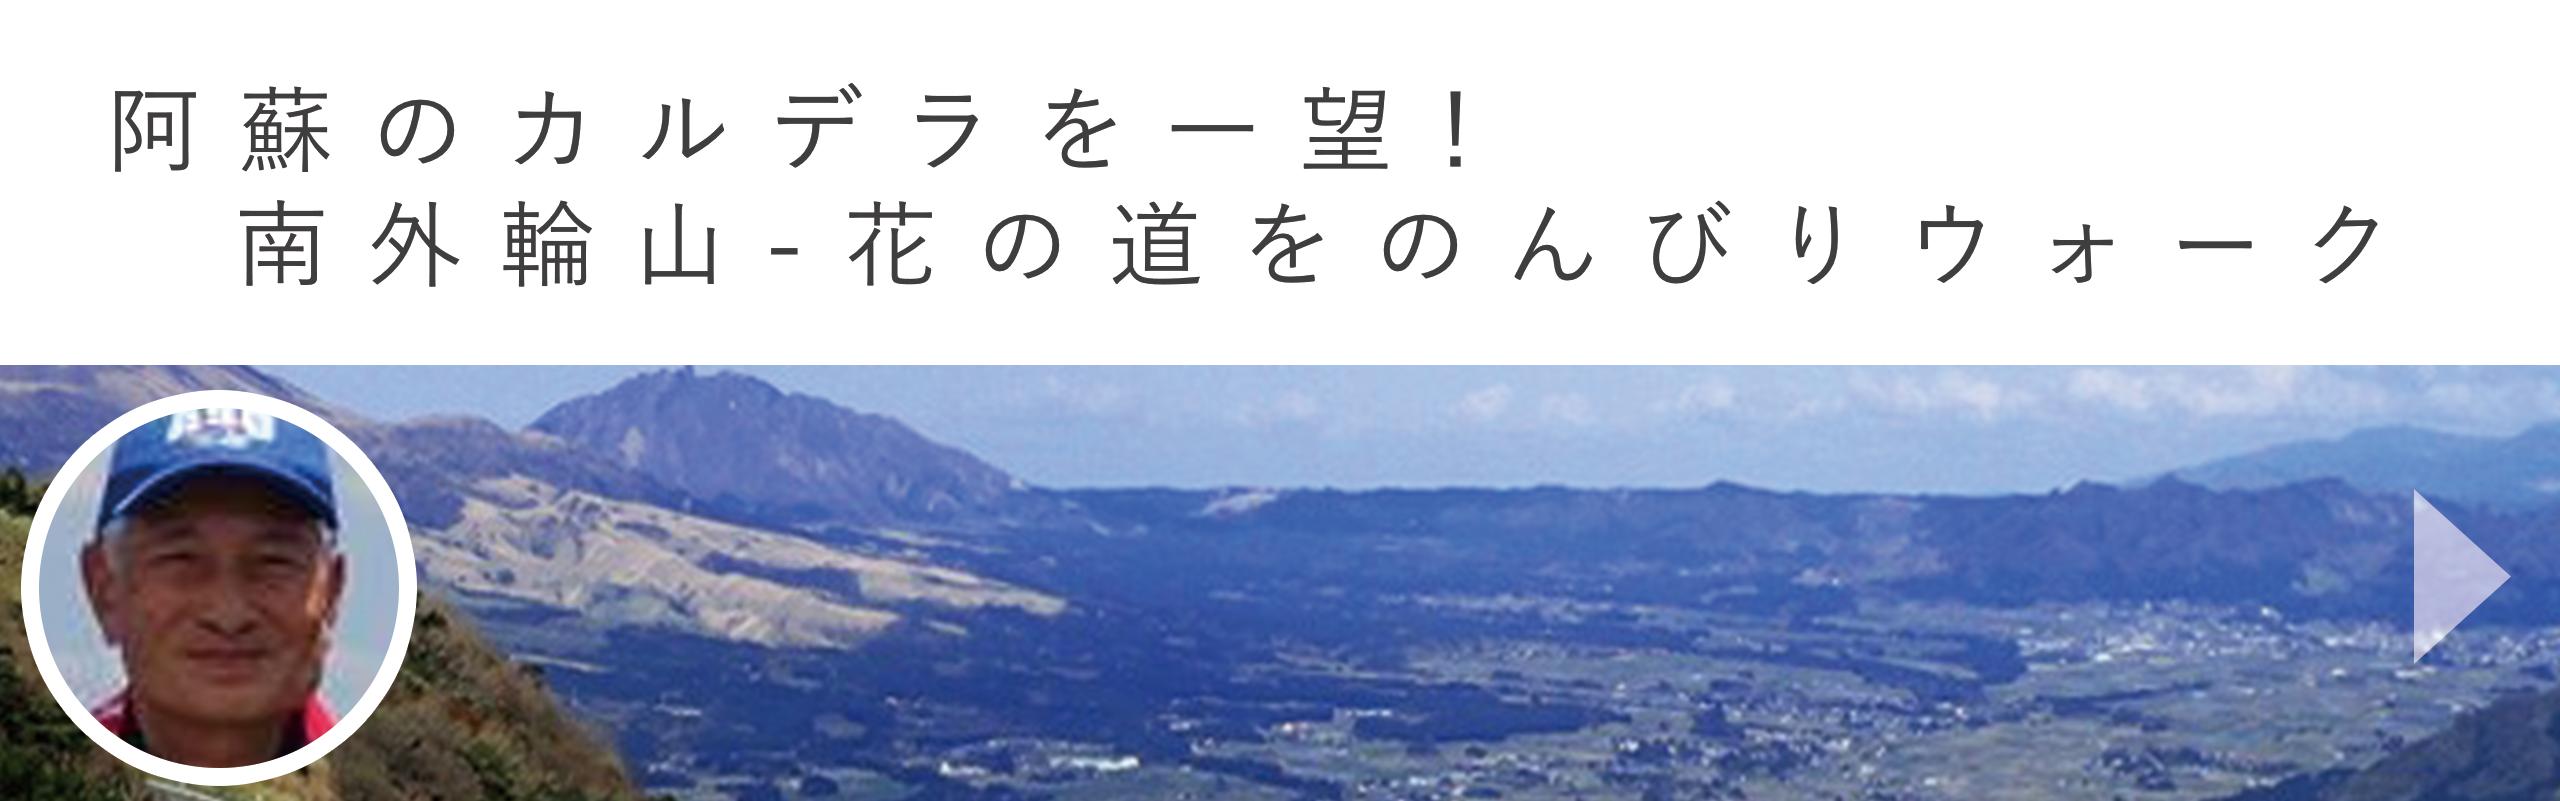 阿蘇のカルデラを一望! 南外輪山-花の道をのんびりウォーク|TABICA